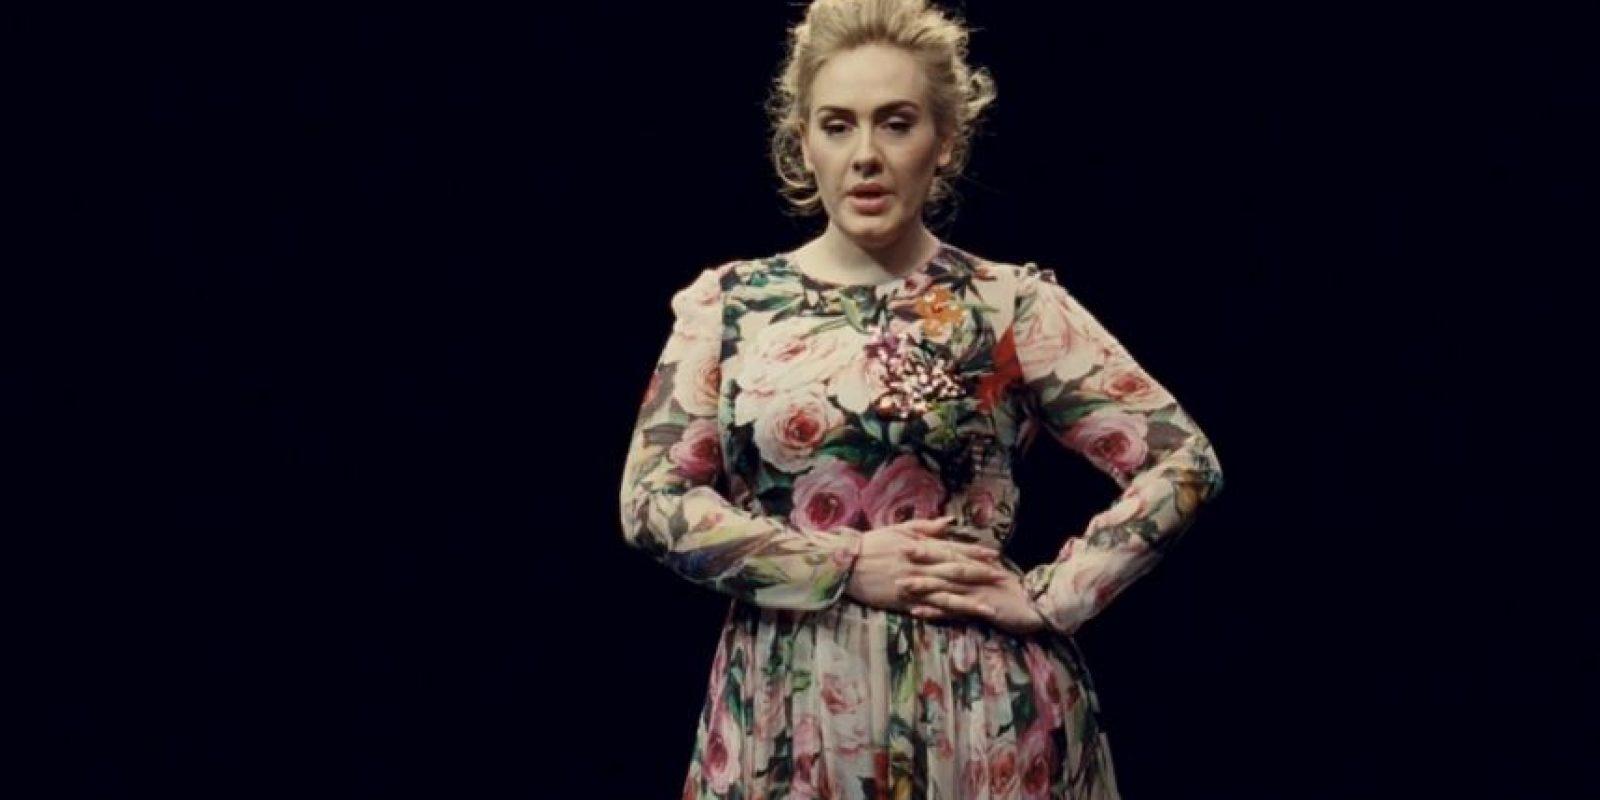 Adele estrenó su videoclip en los premios Billboard 2016 Foto:Vevo